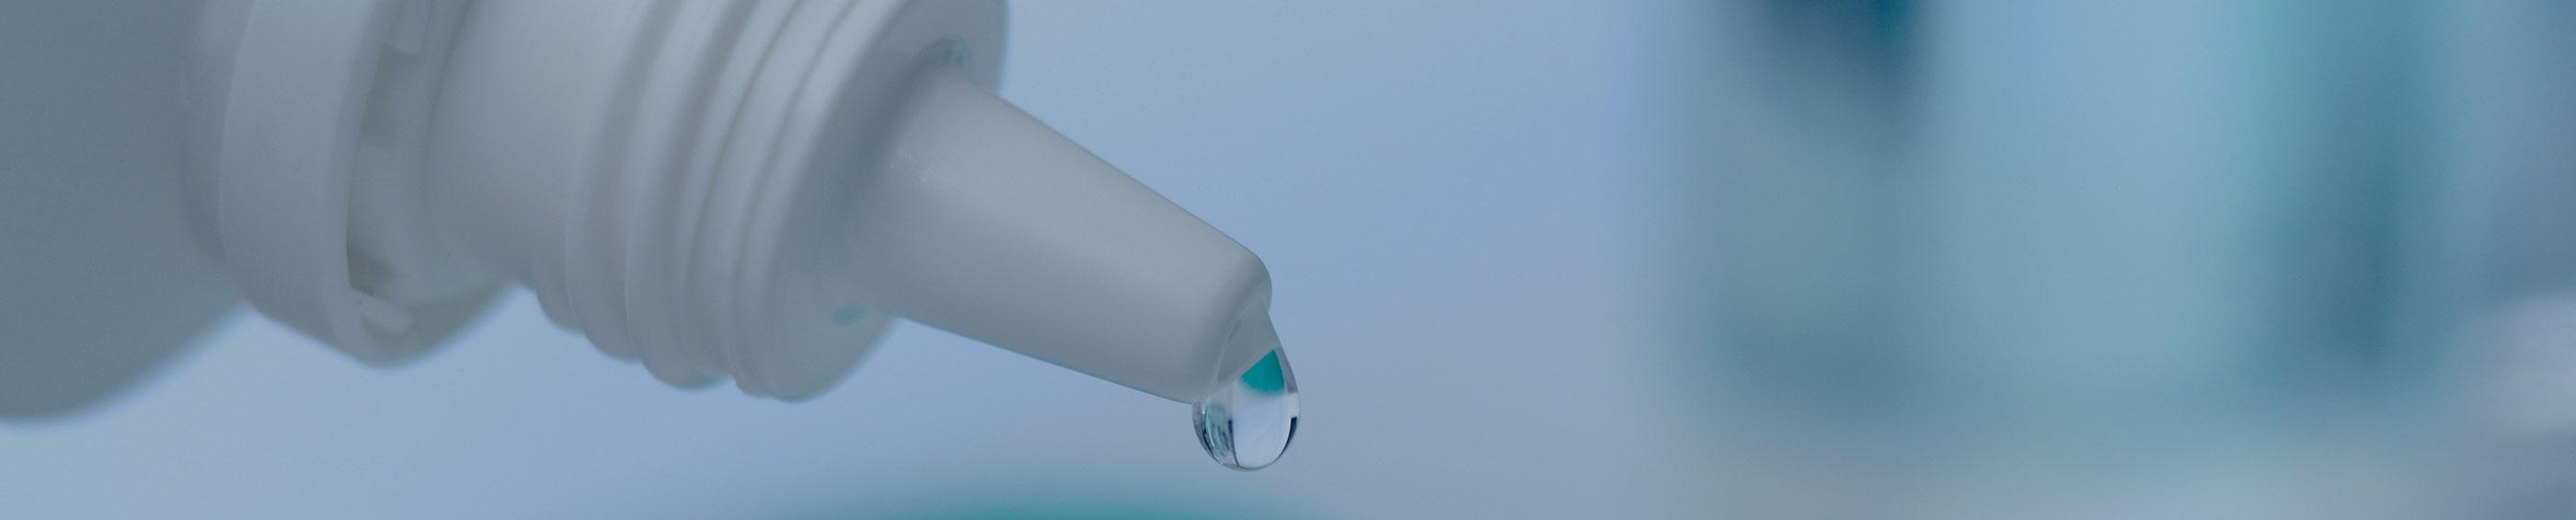 Чистка и уход за контактными линзами